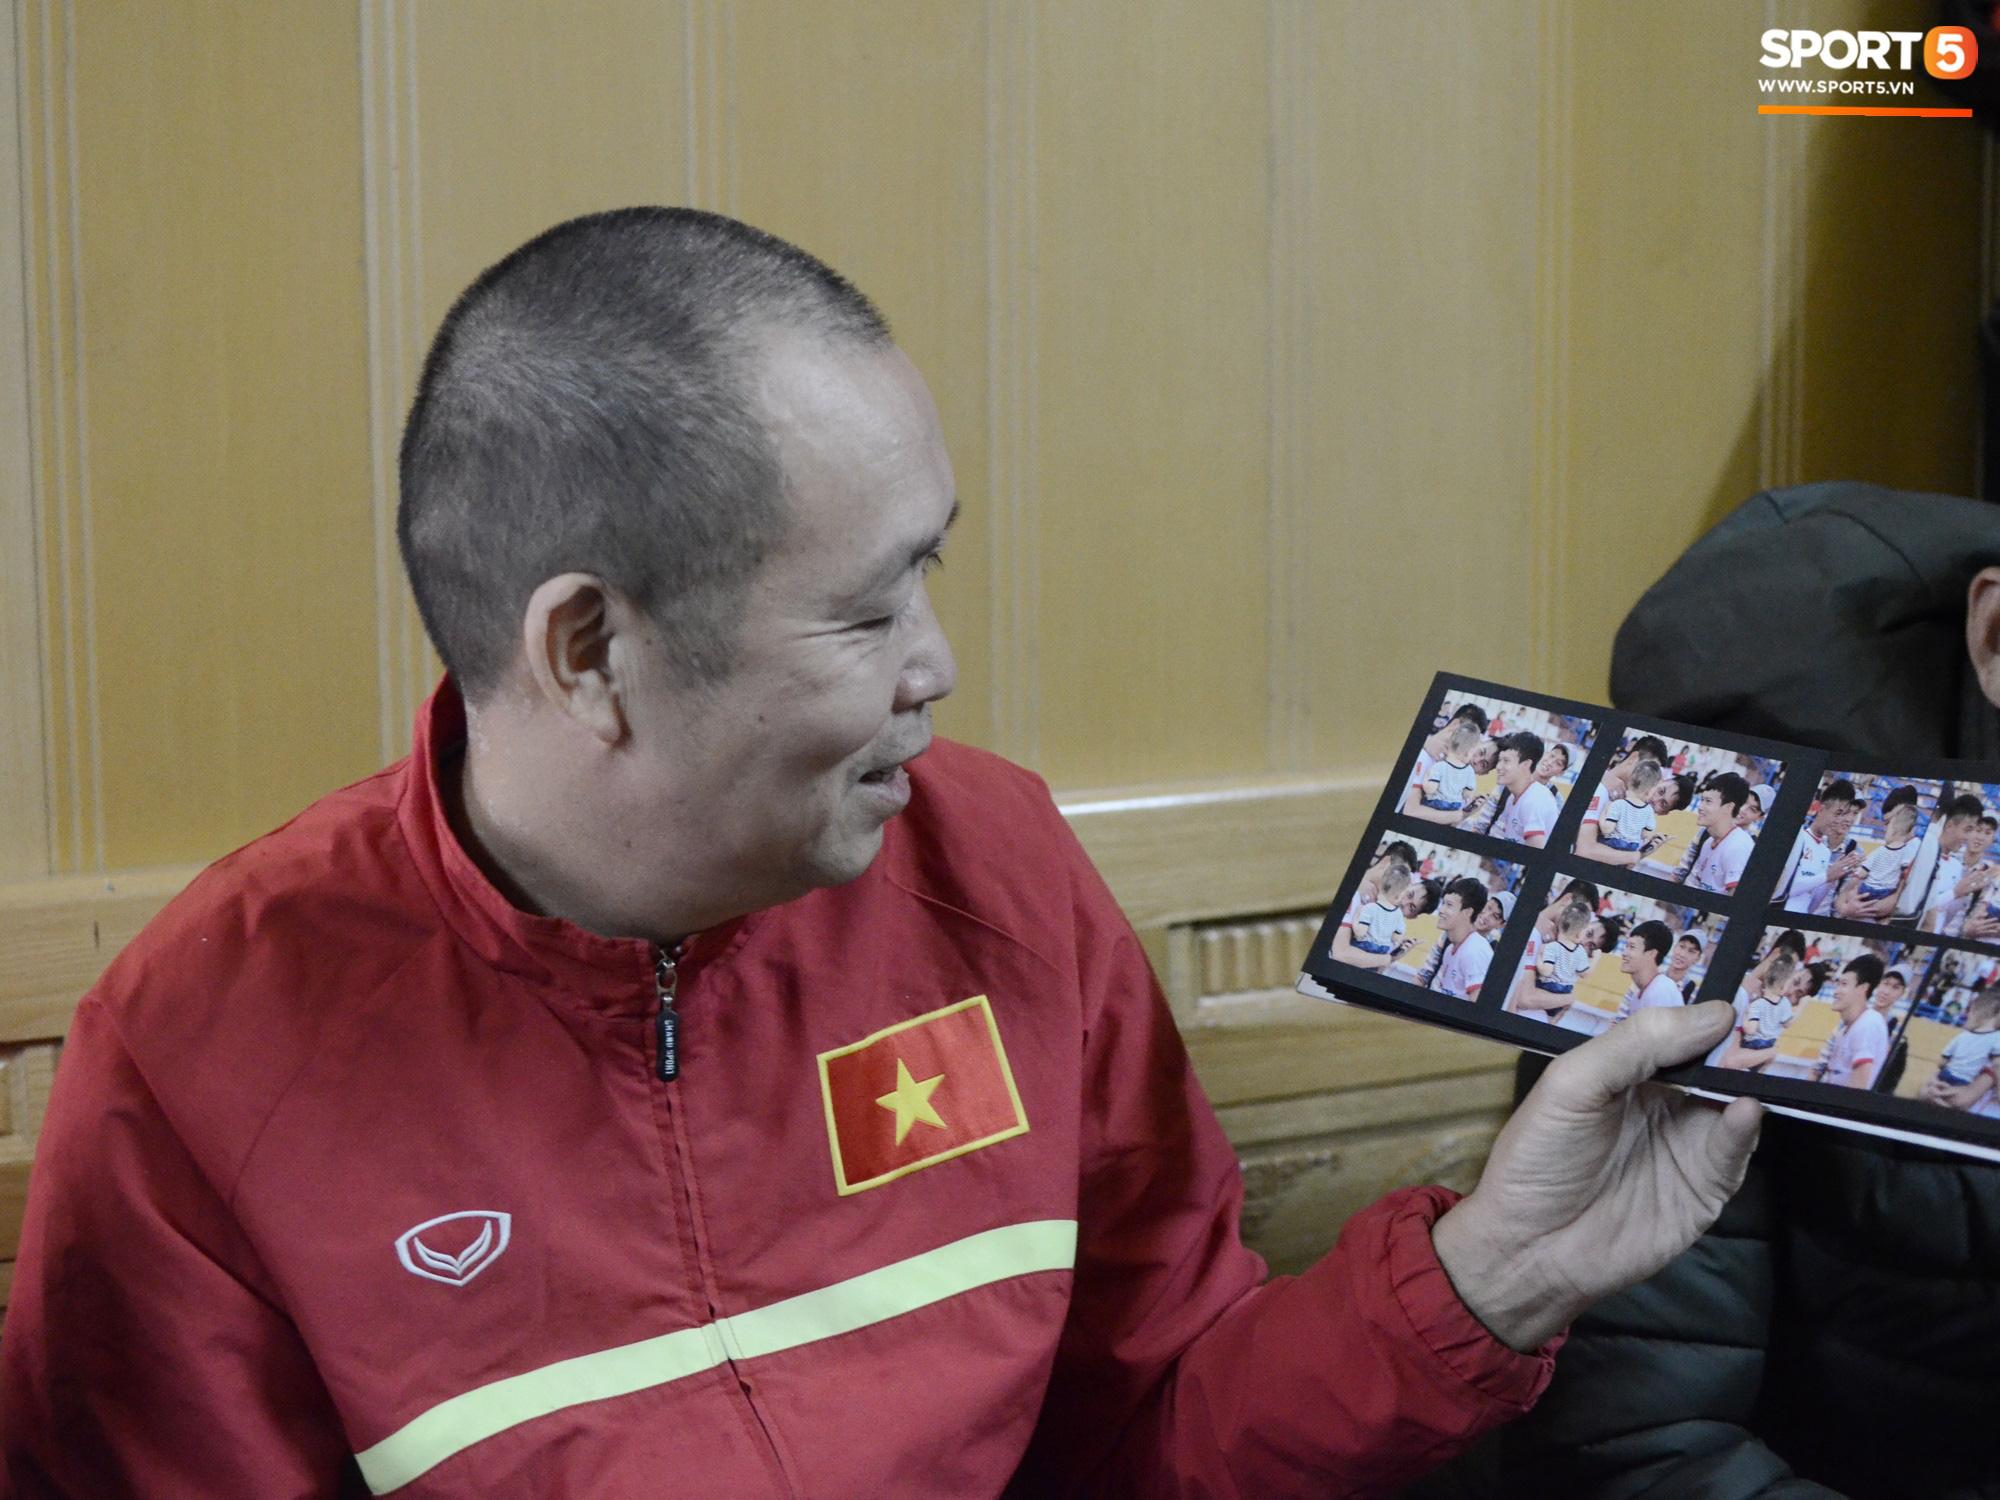 Về thăm nhà người hùng U22 Việt Nam, Nguyễn Hoàng Đức: Tràn ngập kỷ vật World Cup và những bức ảnh thời trẻ trâu hết sức dễ thương - Ảnh 14.